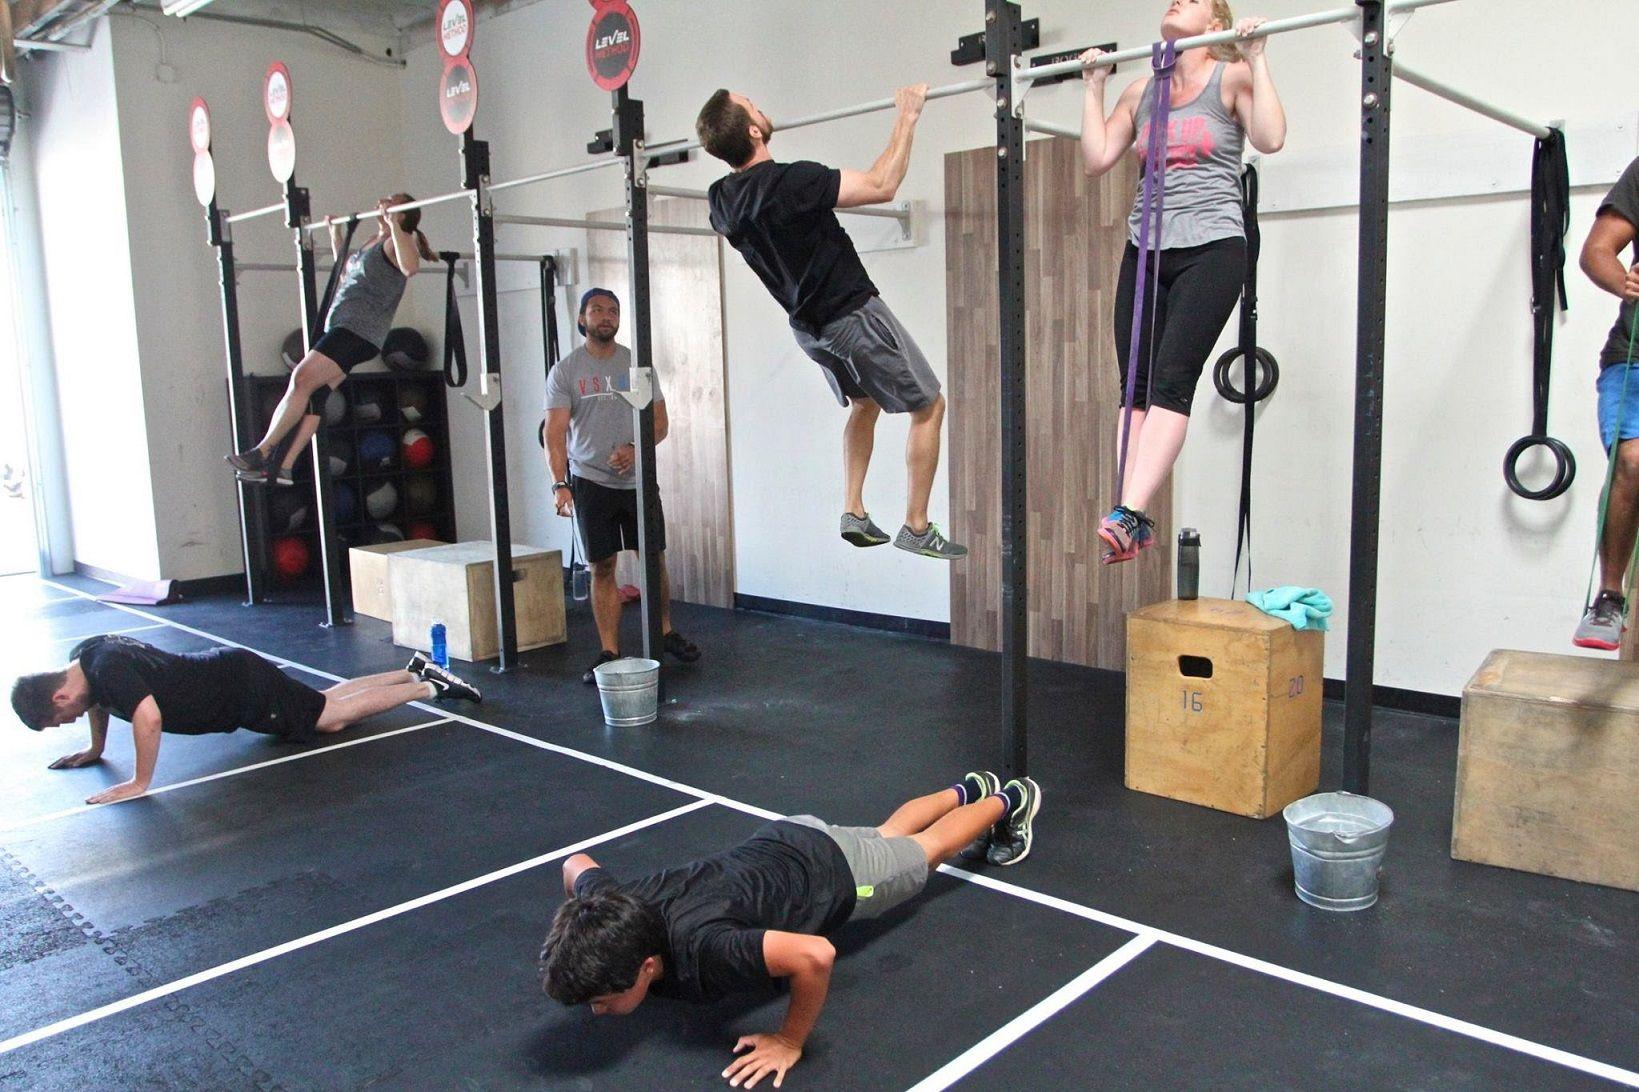 筋持久力を高める 4分間のhiit タバタ式トレーニング を使った筋